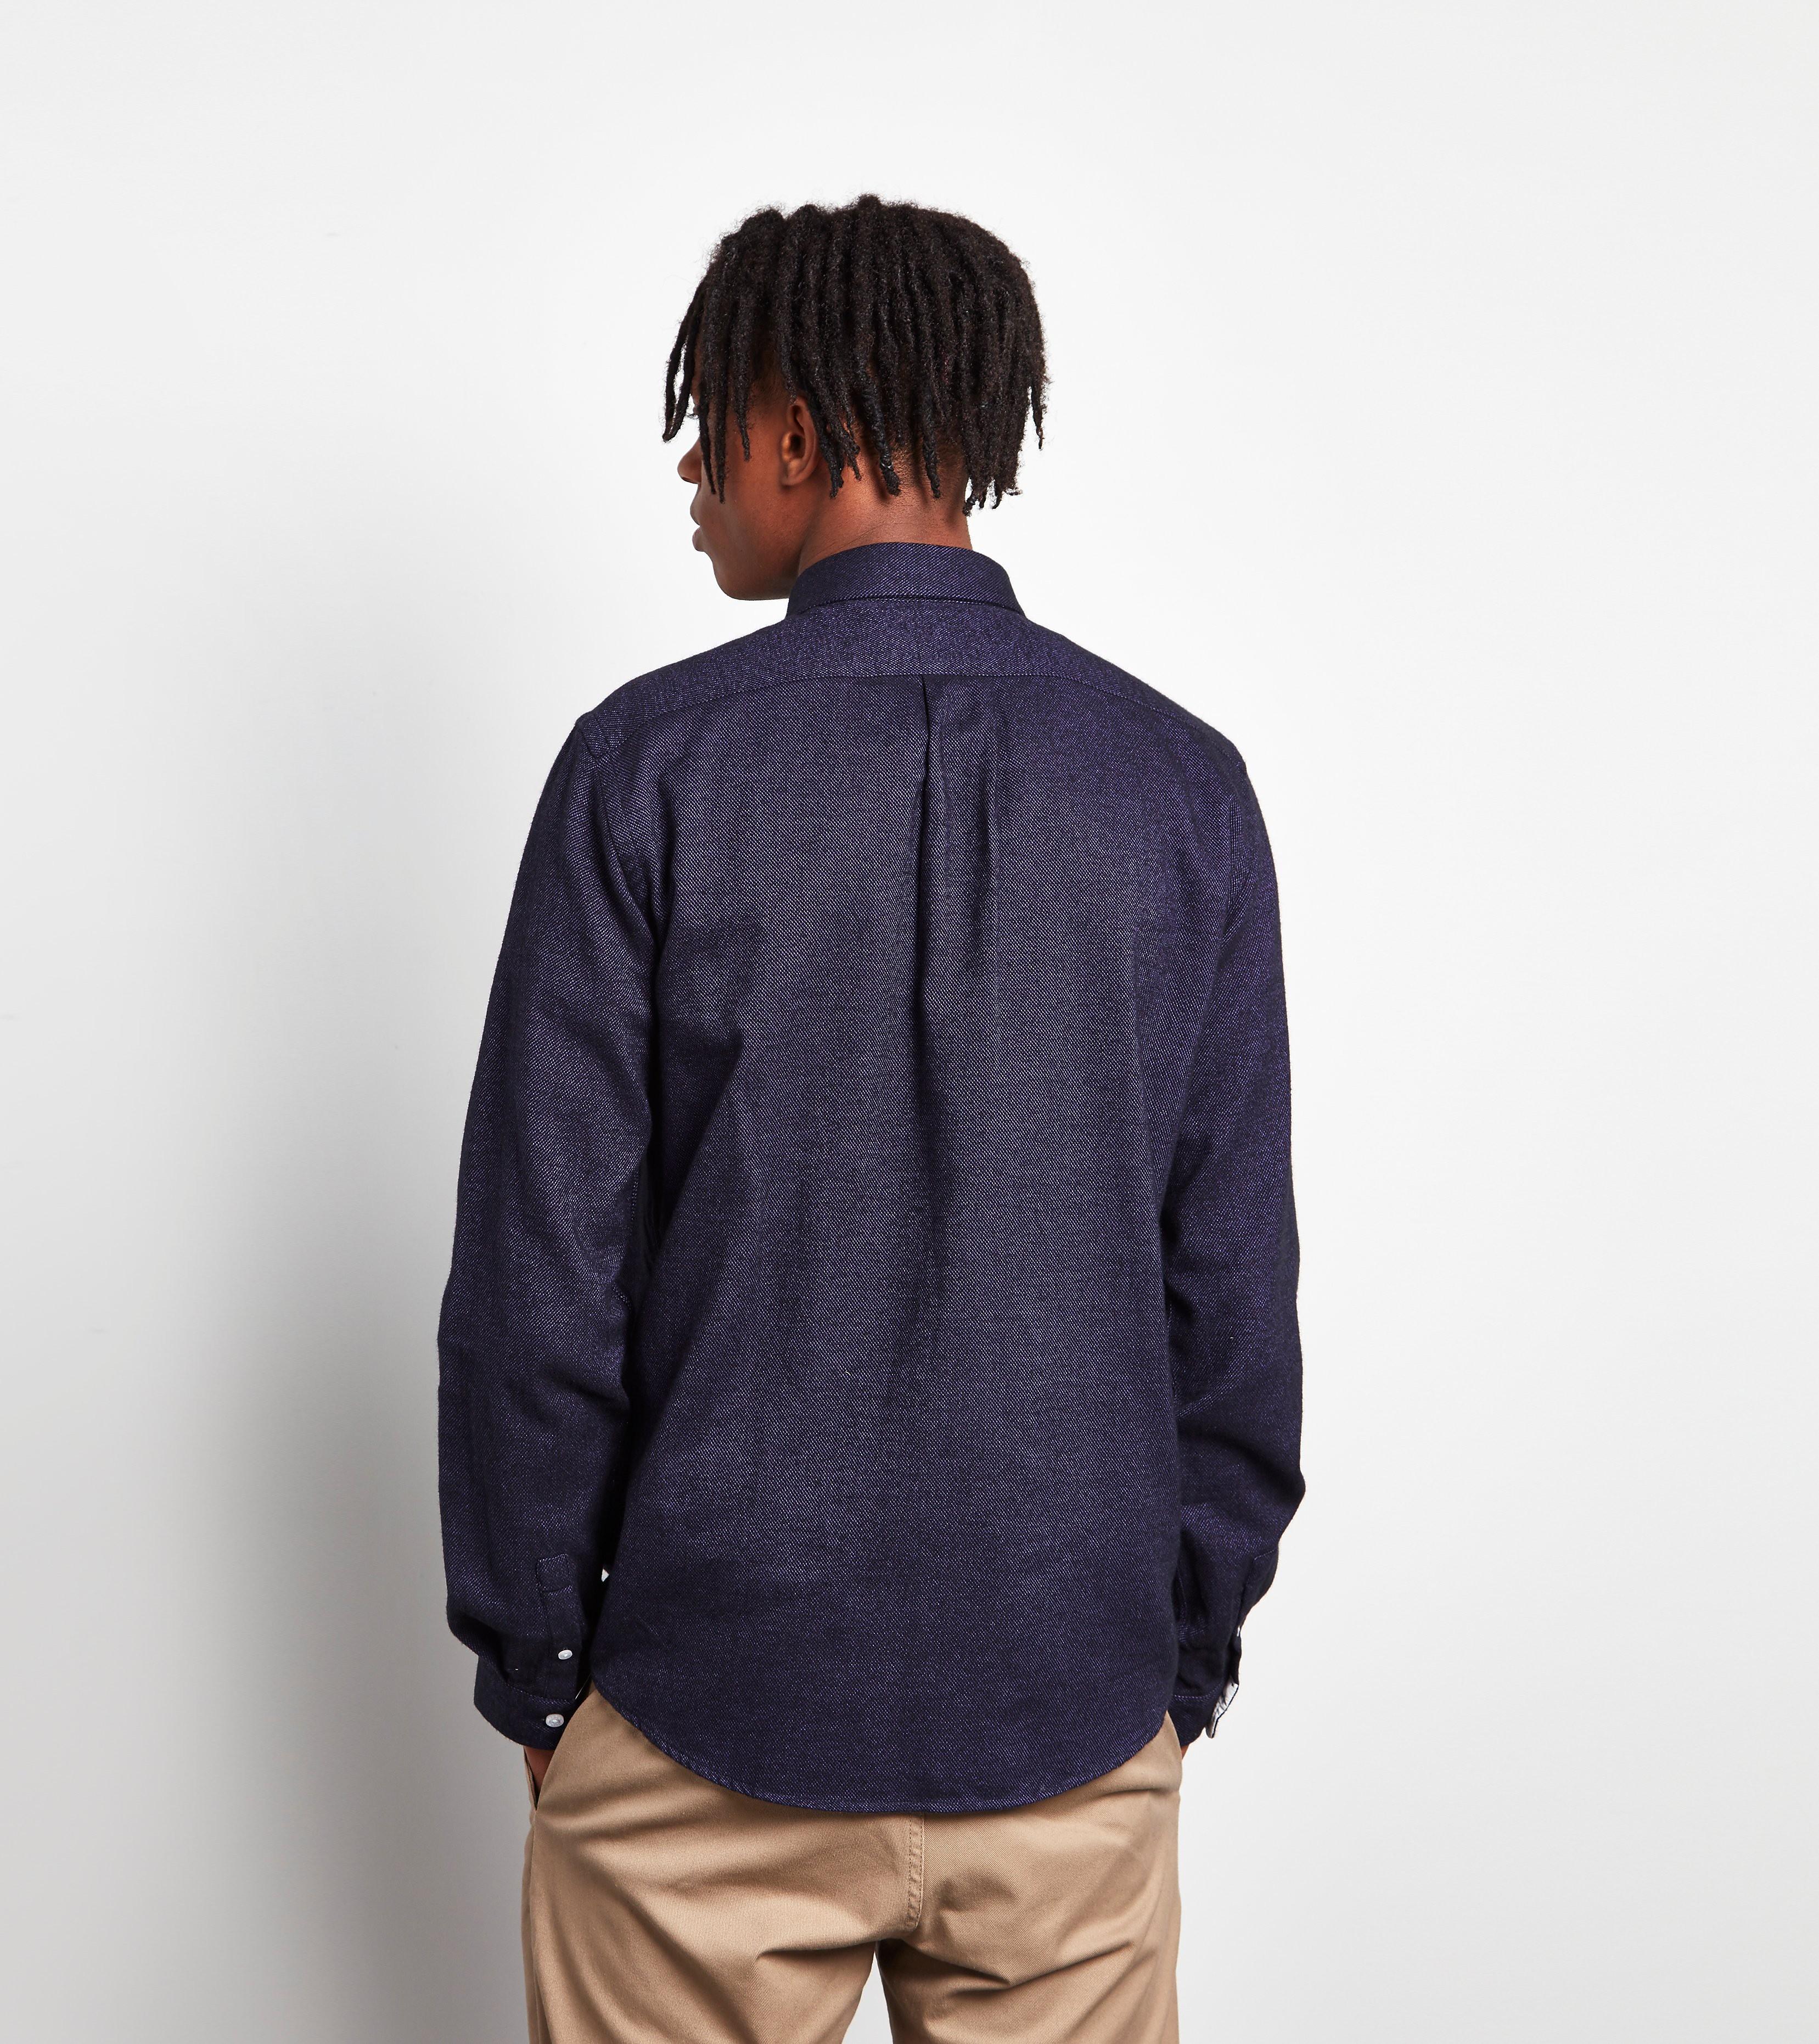 LIBERTINE-LIBERTINE Hunter Shirt